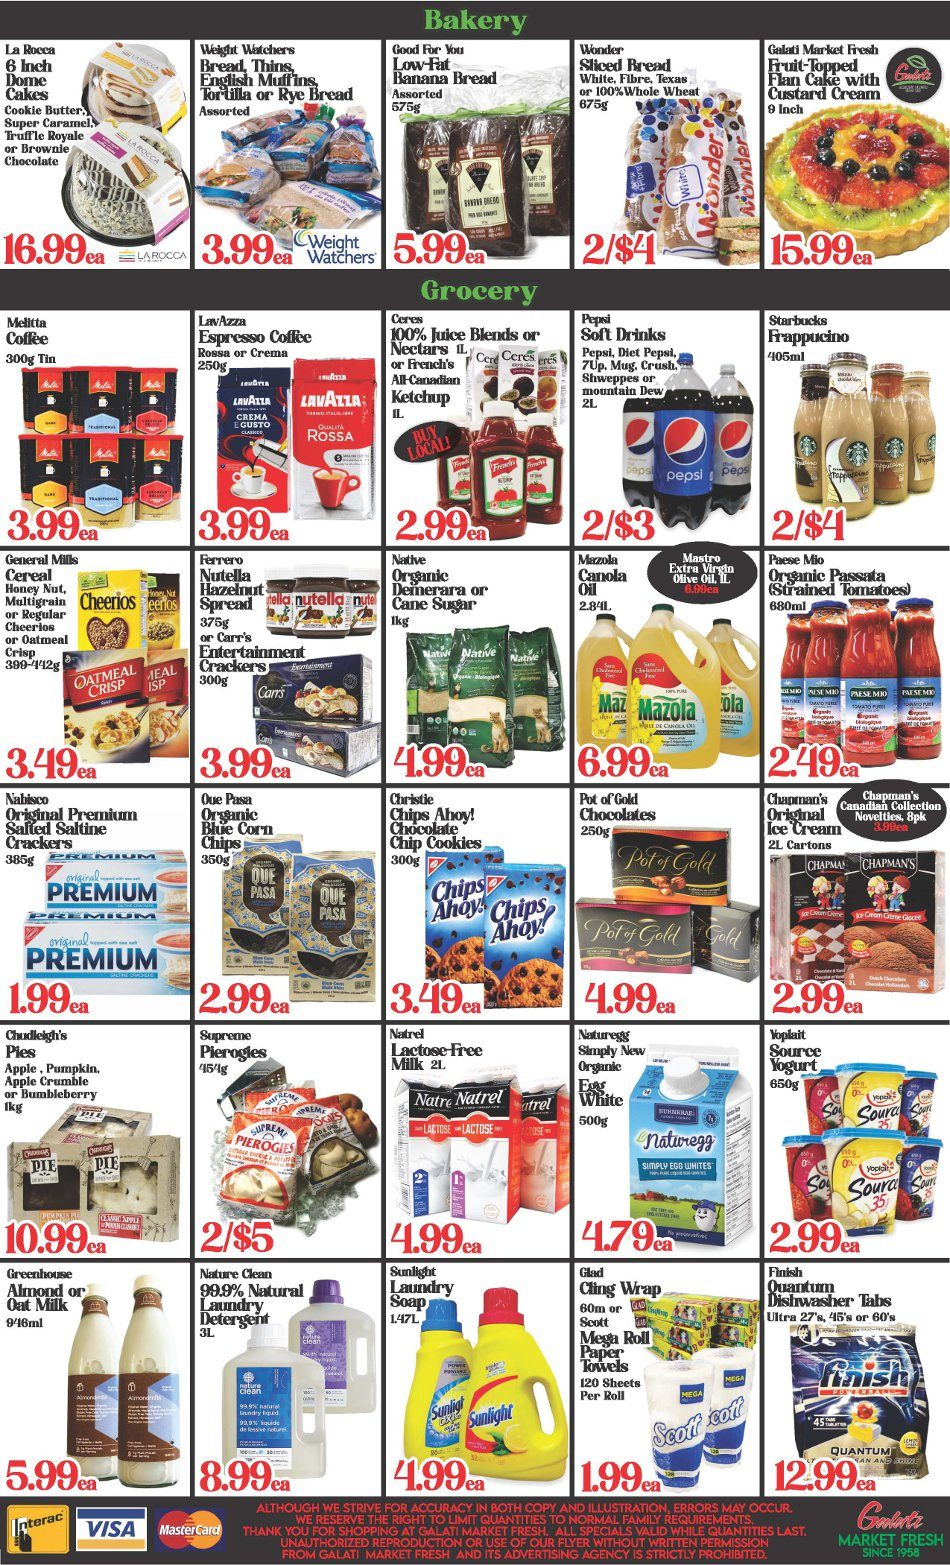 Galati Market Fresh - 2 Weeks of Savings - Page 2